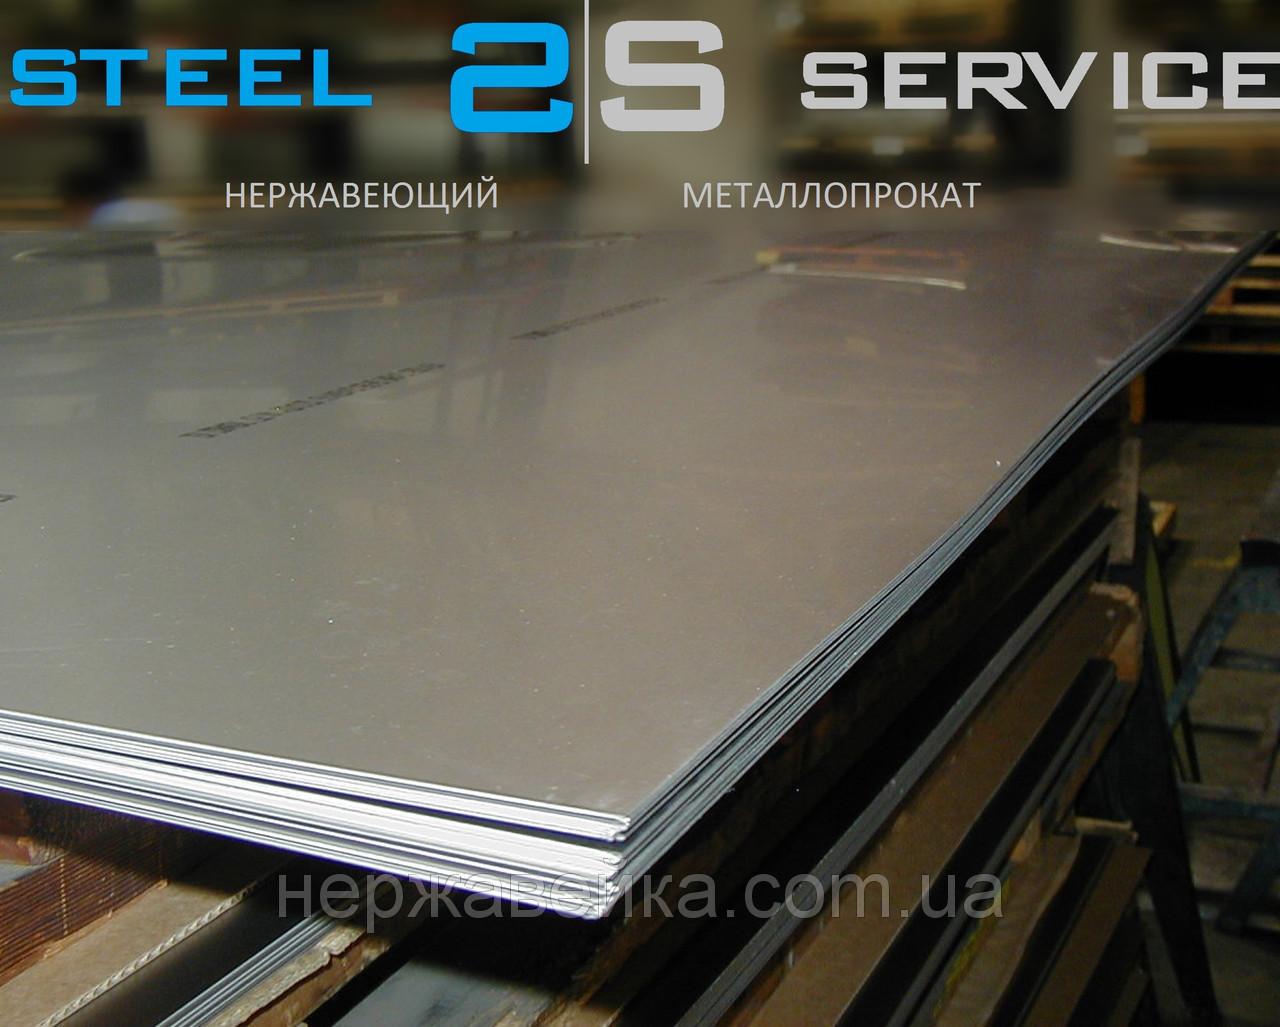 Нержавейка лист 3х1000х2000мм  AISI 304(08Х18Н10) 4N - шлифованный,  пищевой